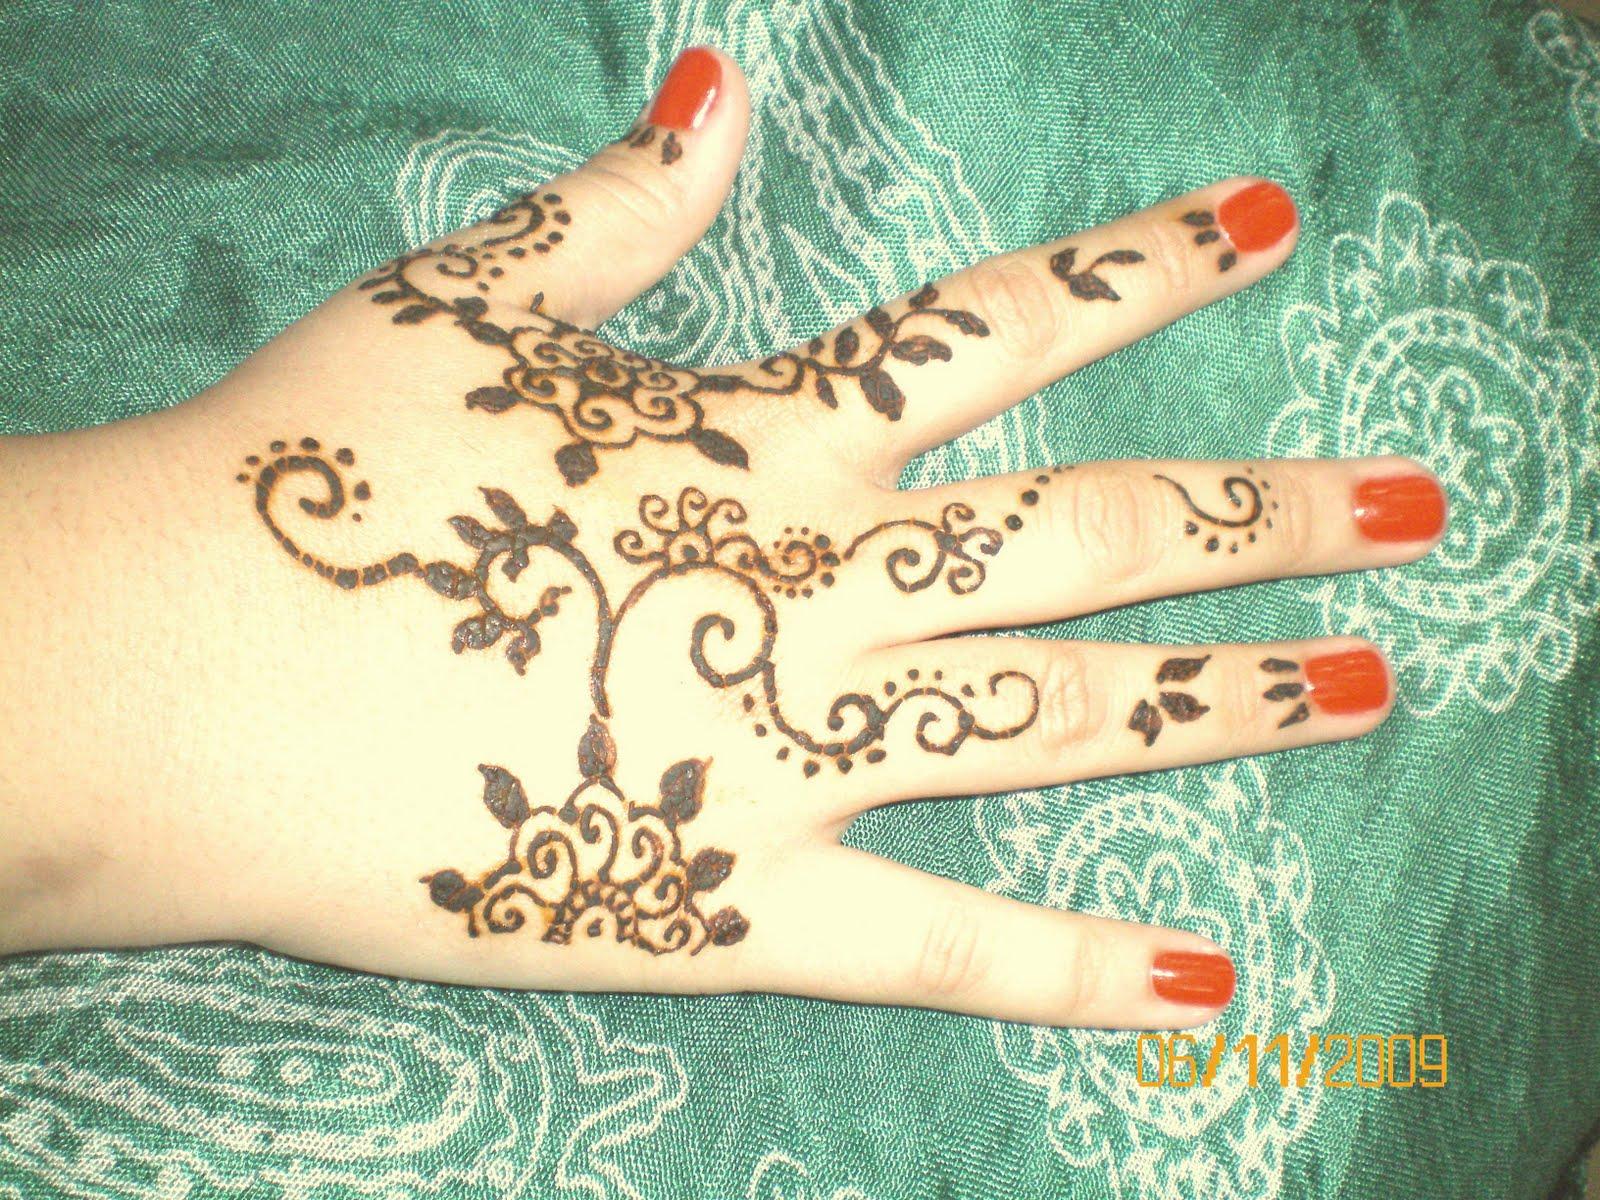 Decorative Henna Arts Mays 2010